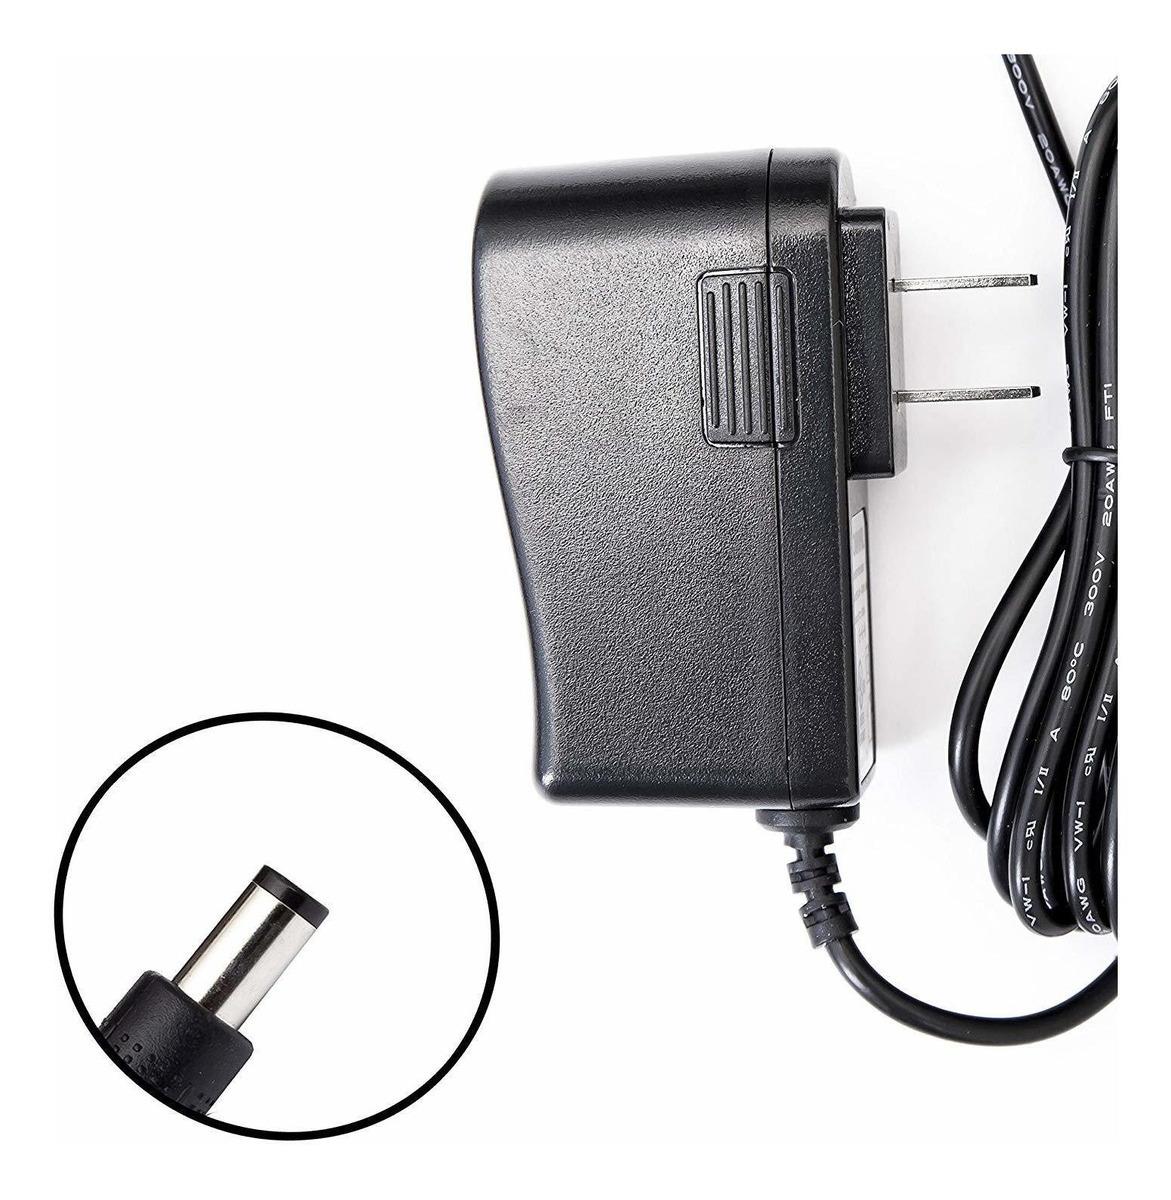 Adaptador de corriente Icom BC-123SA para radio IC-F4003